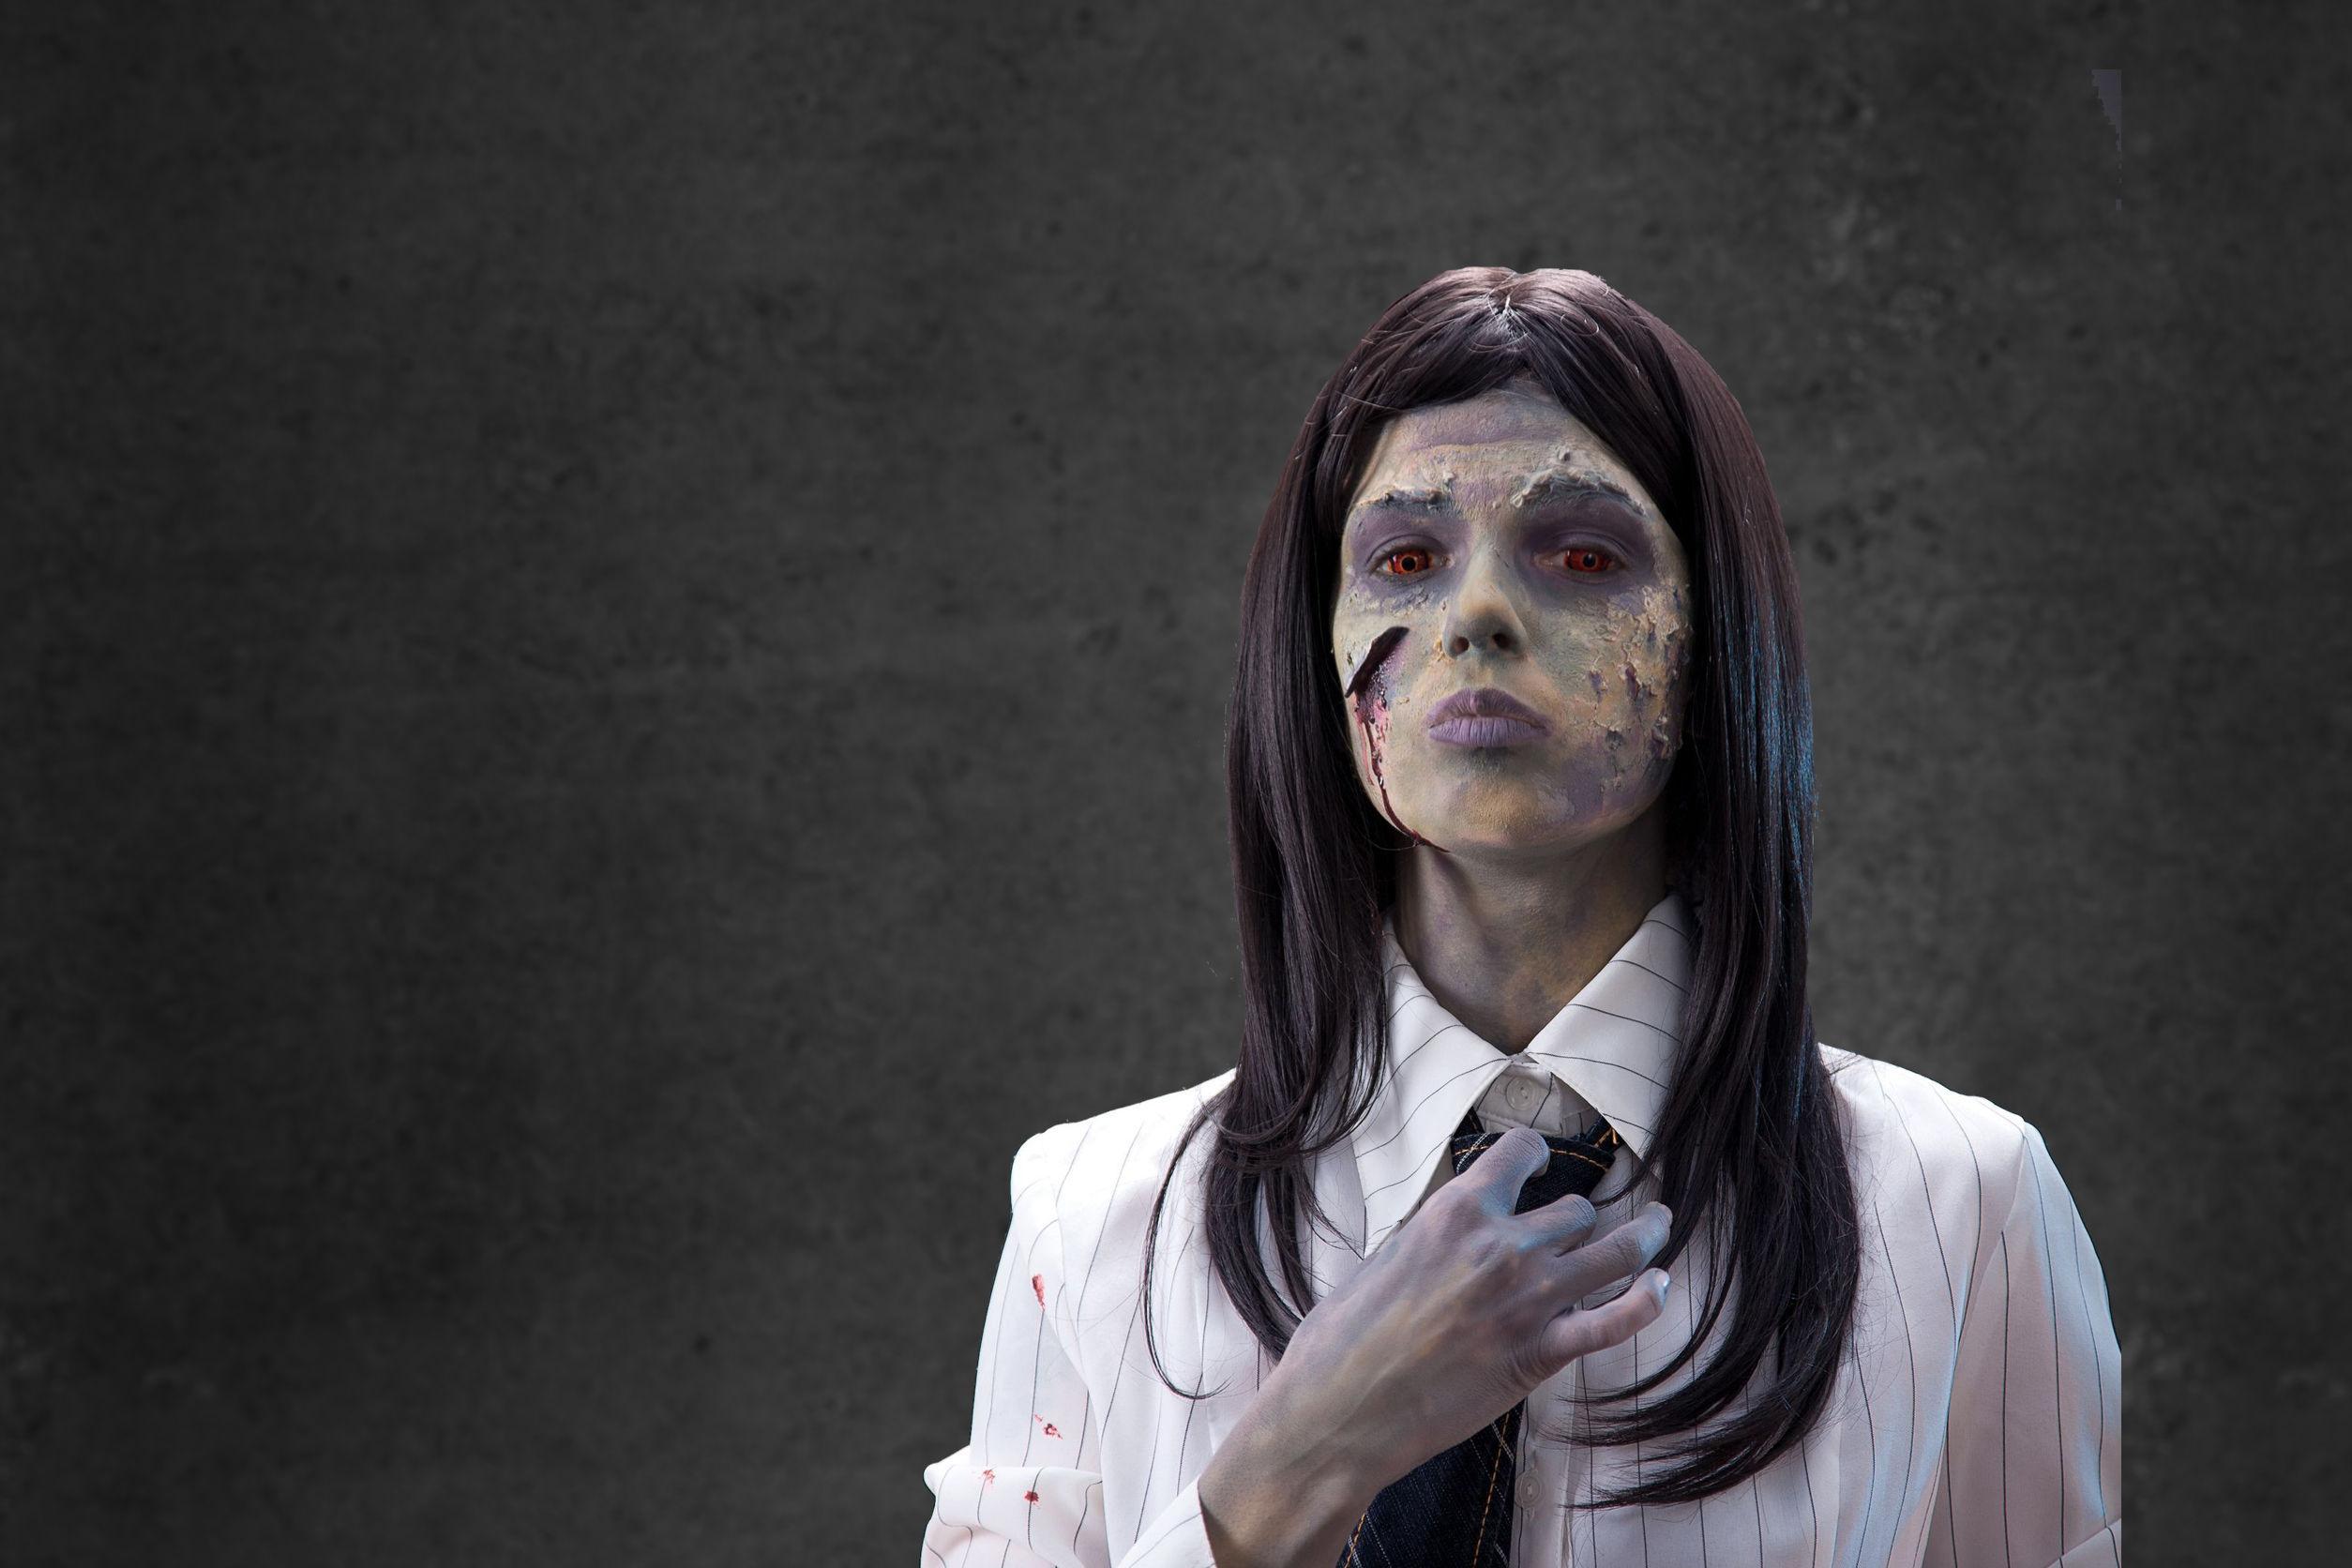 Un joven mata a su amigo porque pensó que se estaba convirtiendo en zombie